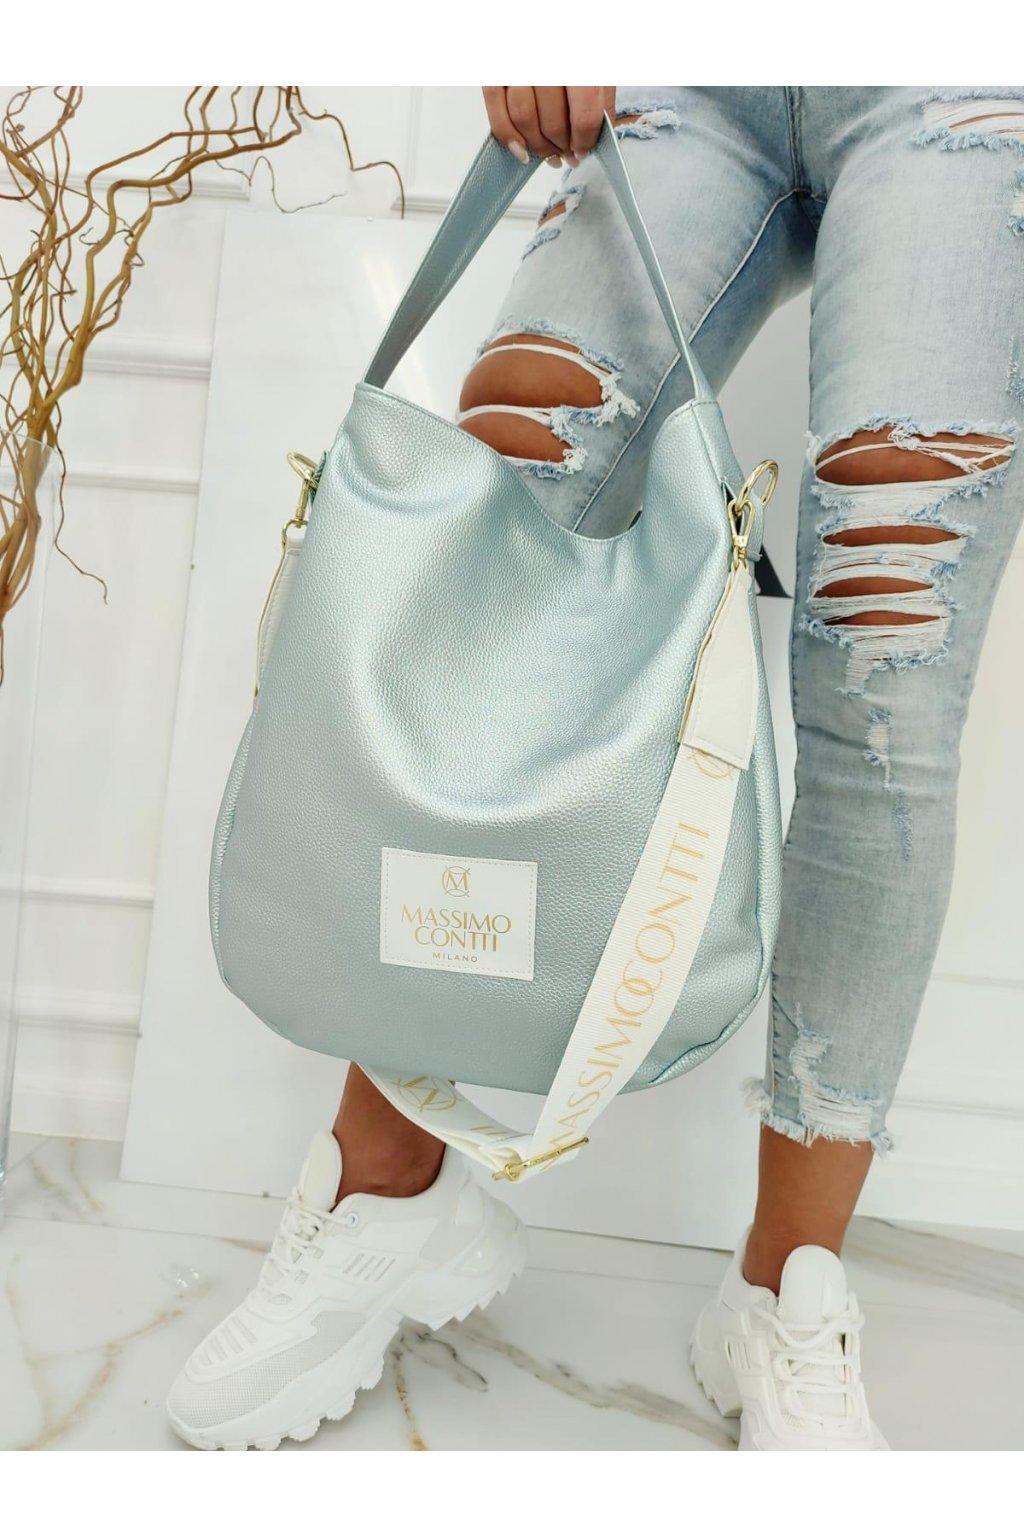 Massimo contti kabelka trendy značková luxusní kabelka italy fashion světle modrá